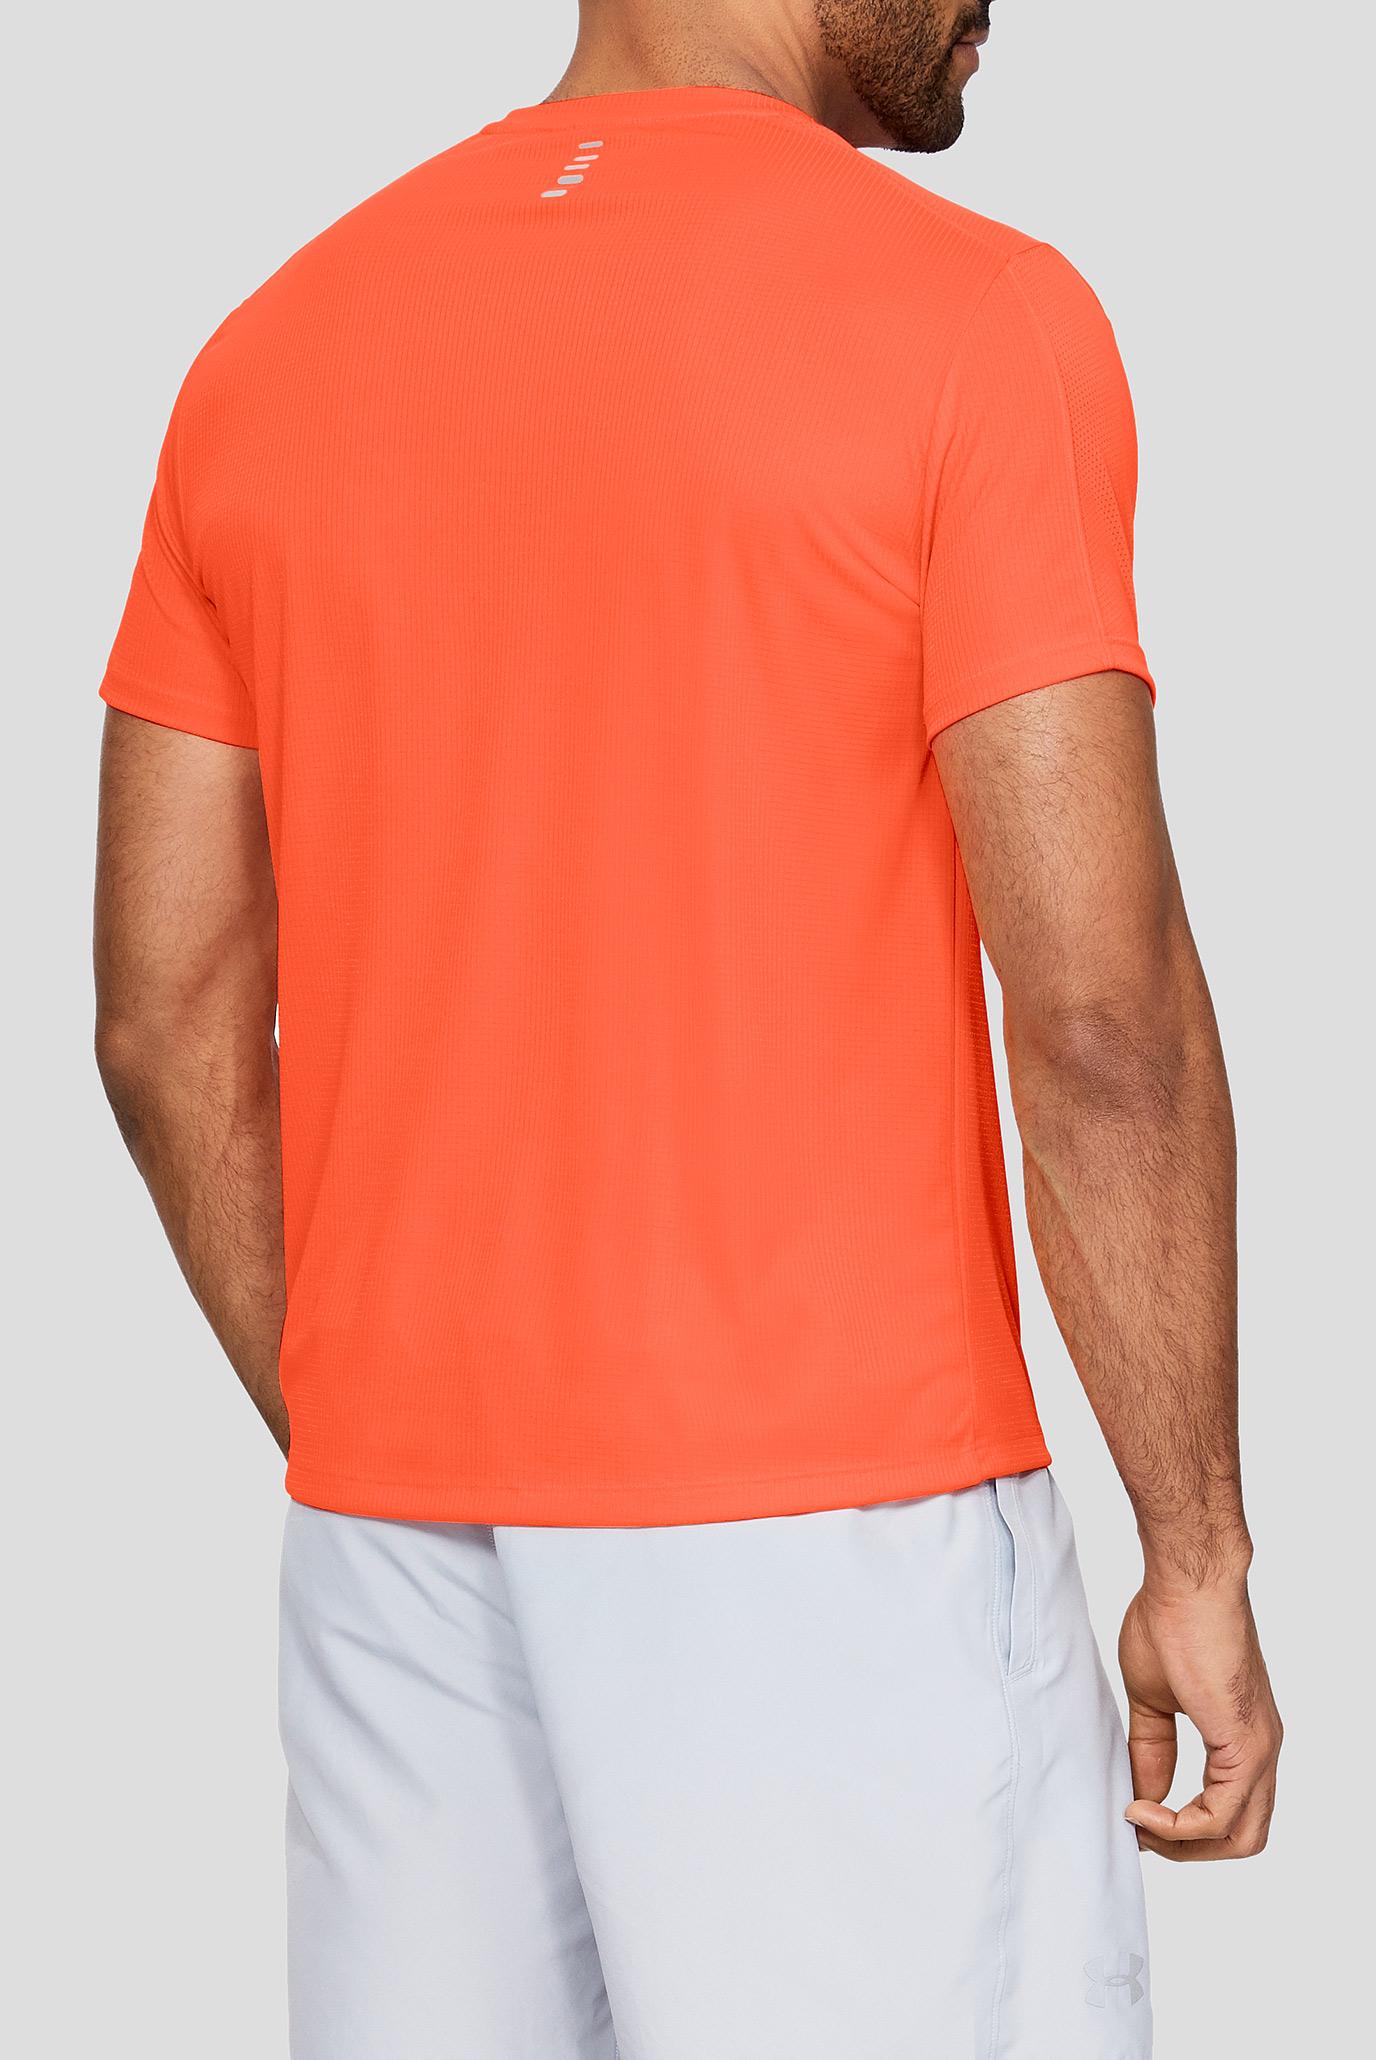 Купить Мужская оранжевая футболка UA SPEED STRIDE SHORTSLEEVE Under Armour Under Armour 1326564-882 – Киев, Украина. Цены в интернет магазине MD Fashion